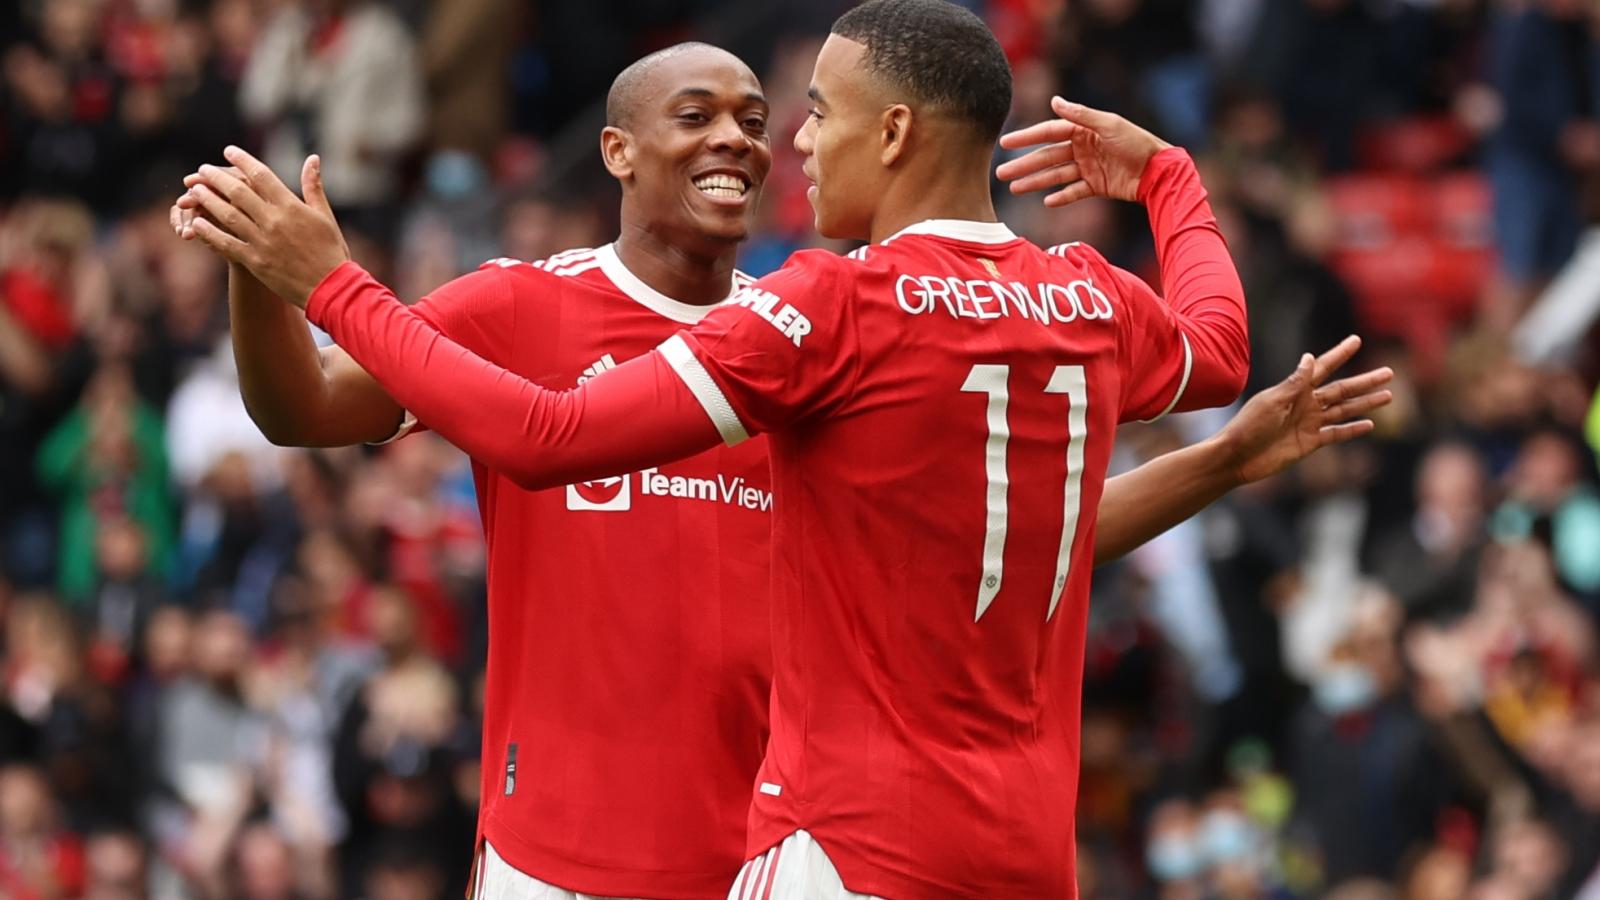 Đại thắng Everton, MU thị uy sức mạnh trước mùa giải mới